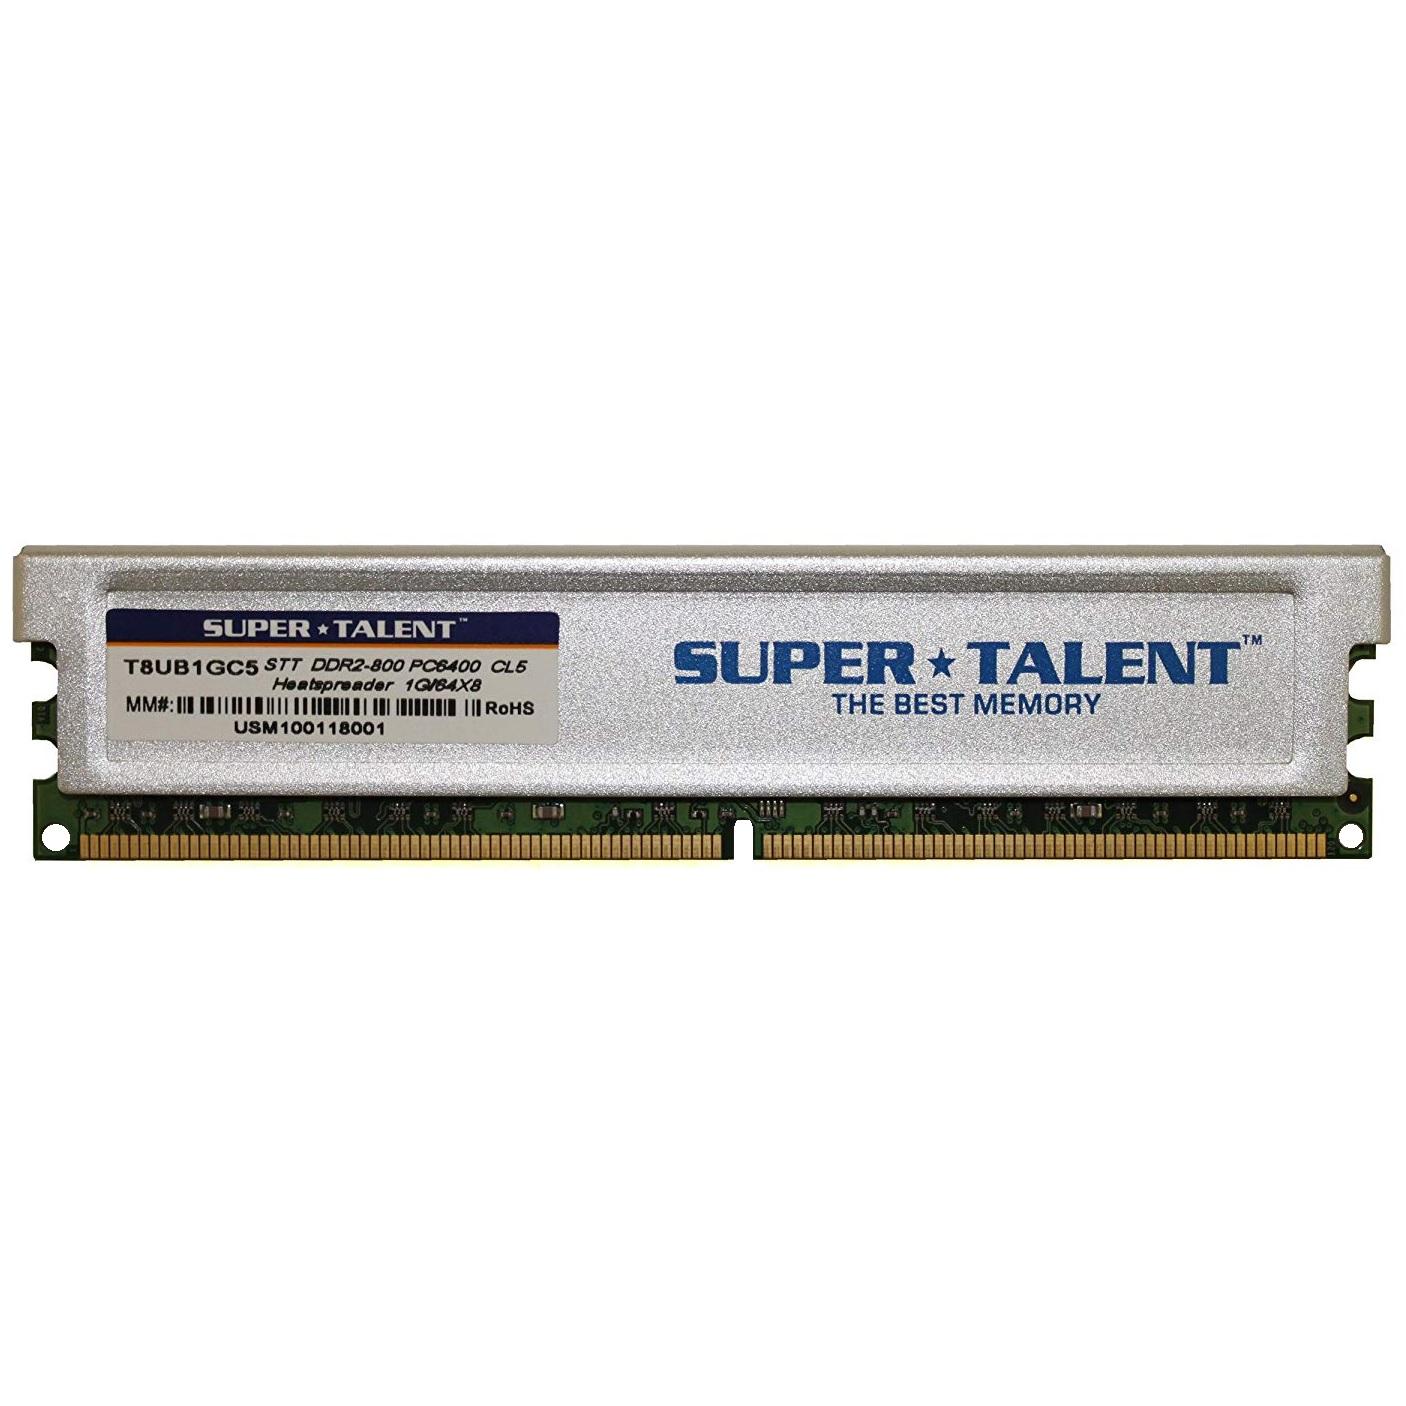 رم دسکتاپ DDR2 تک کاناله 800 مگاهرتز CL6 سوپر تلنت مدل T8UB1GC5 ظرفیت 1 گیگابایت